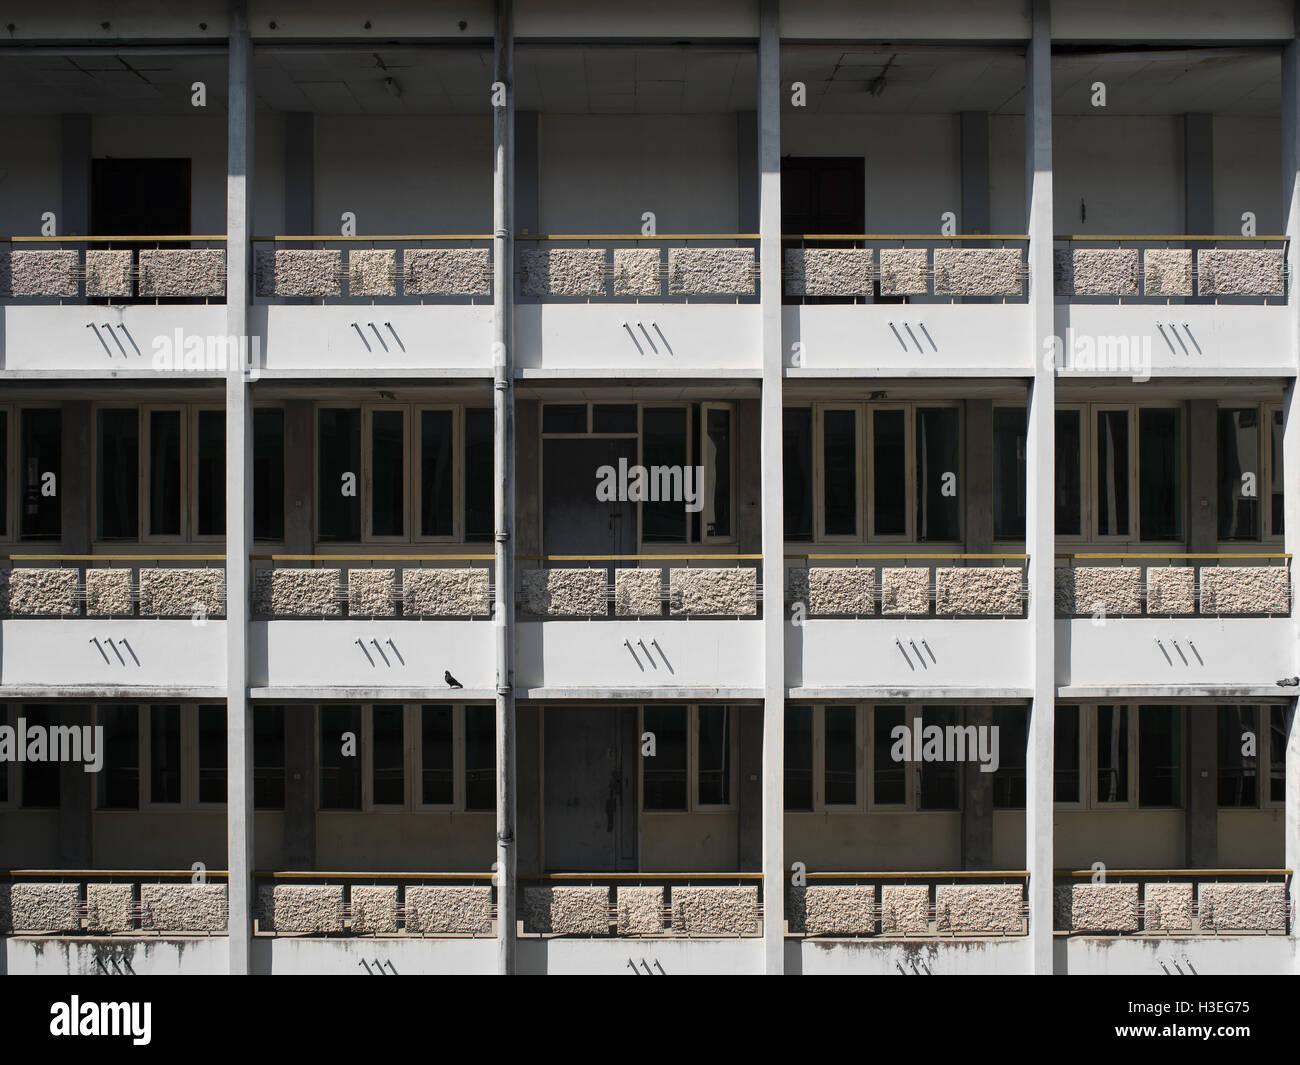 Abbandonata la British architettura coloniale di Yangon, Myanmar (Birmania) Immagini Stock